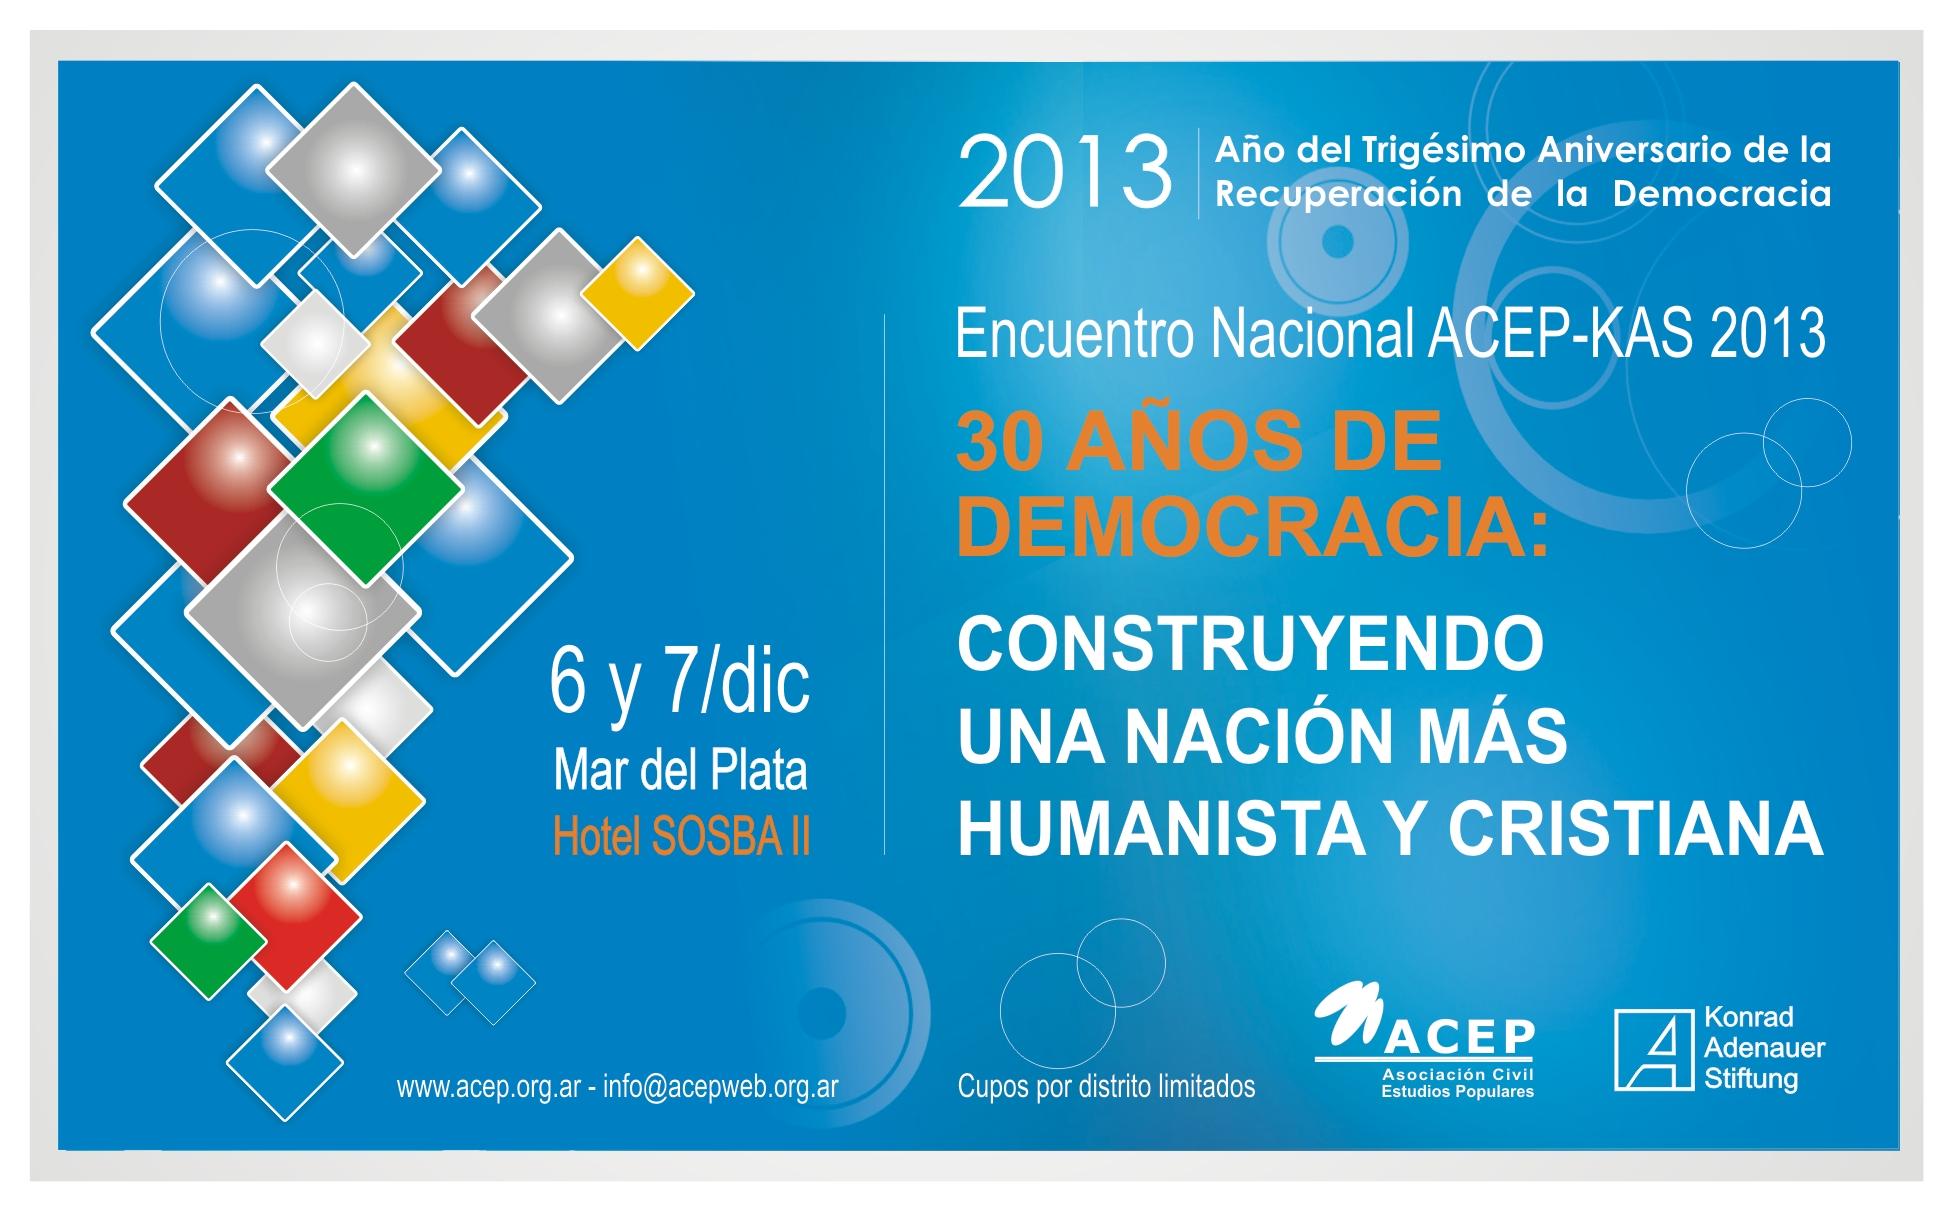 Encuentro Nacional ACEP KAS 2013